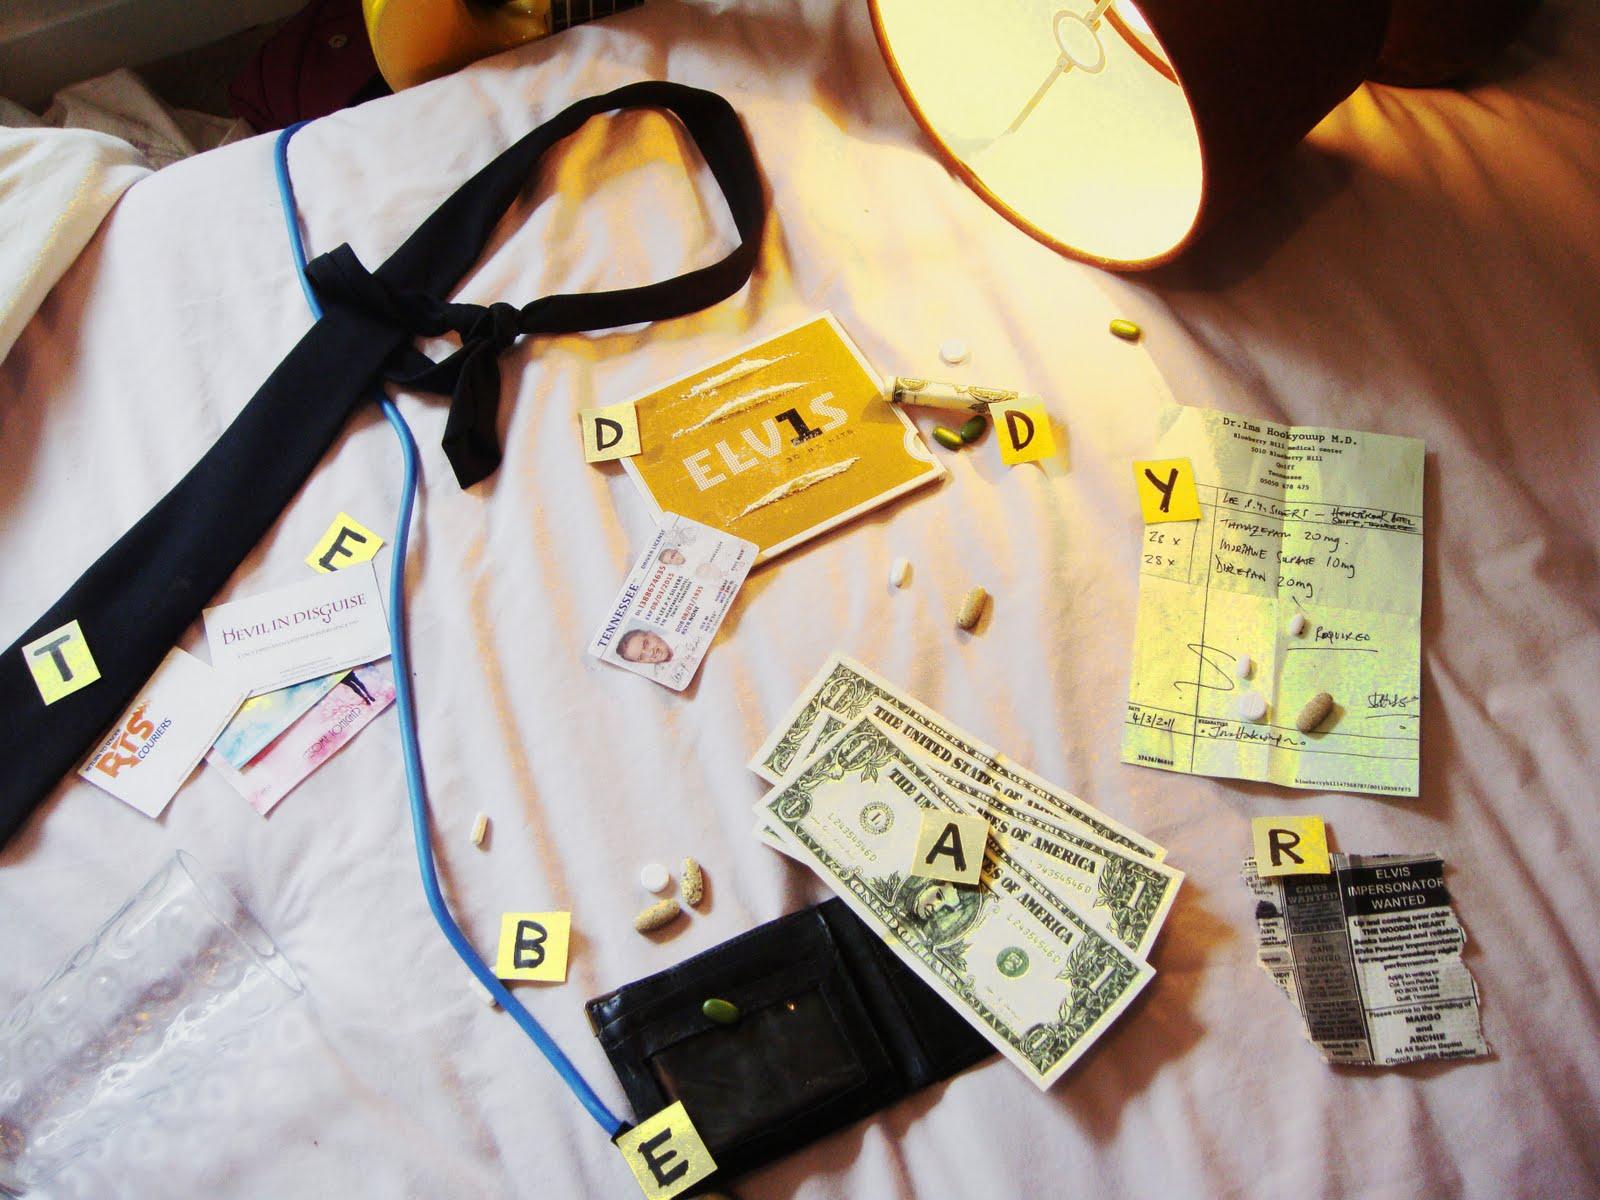 Crime Scene Photos Of Elvis Presley Adsmobilesblogmobile: the body of